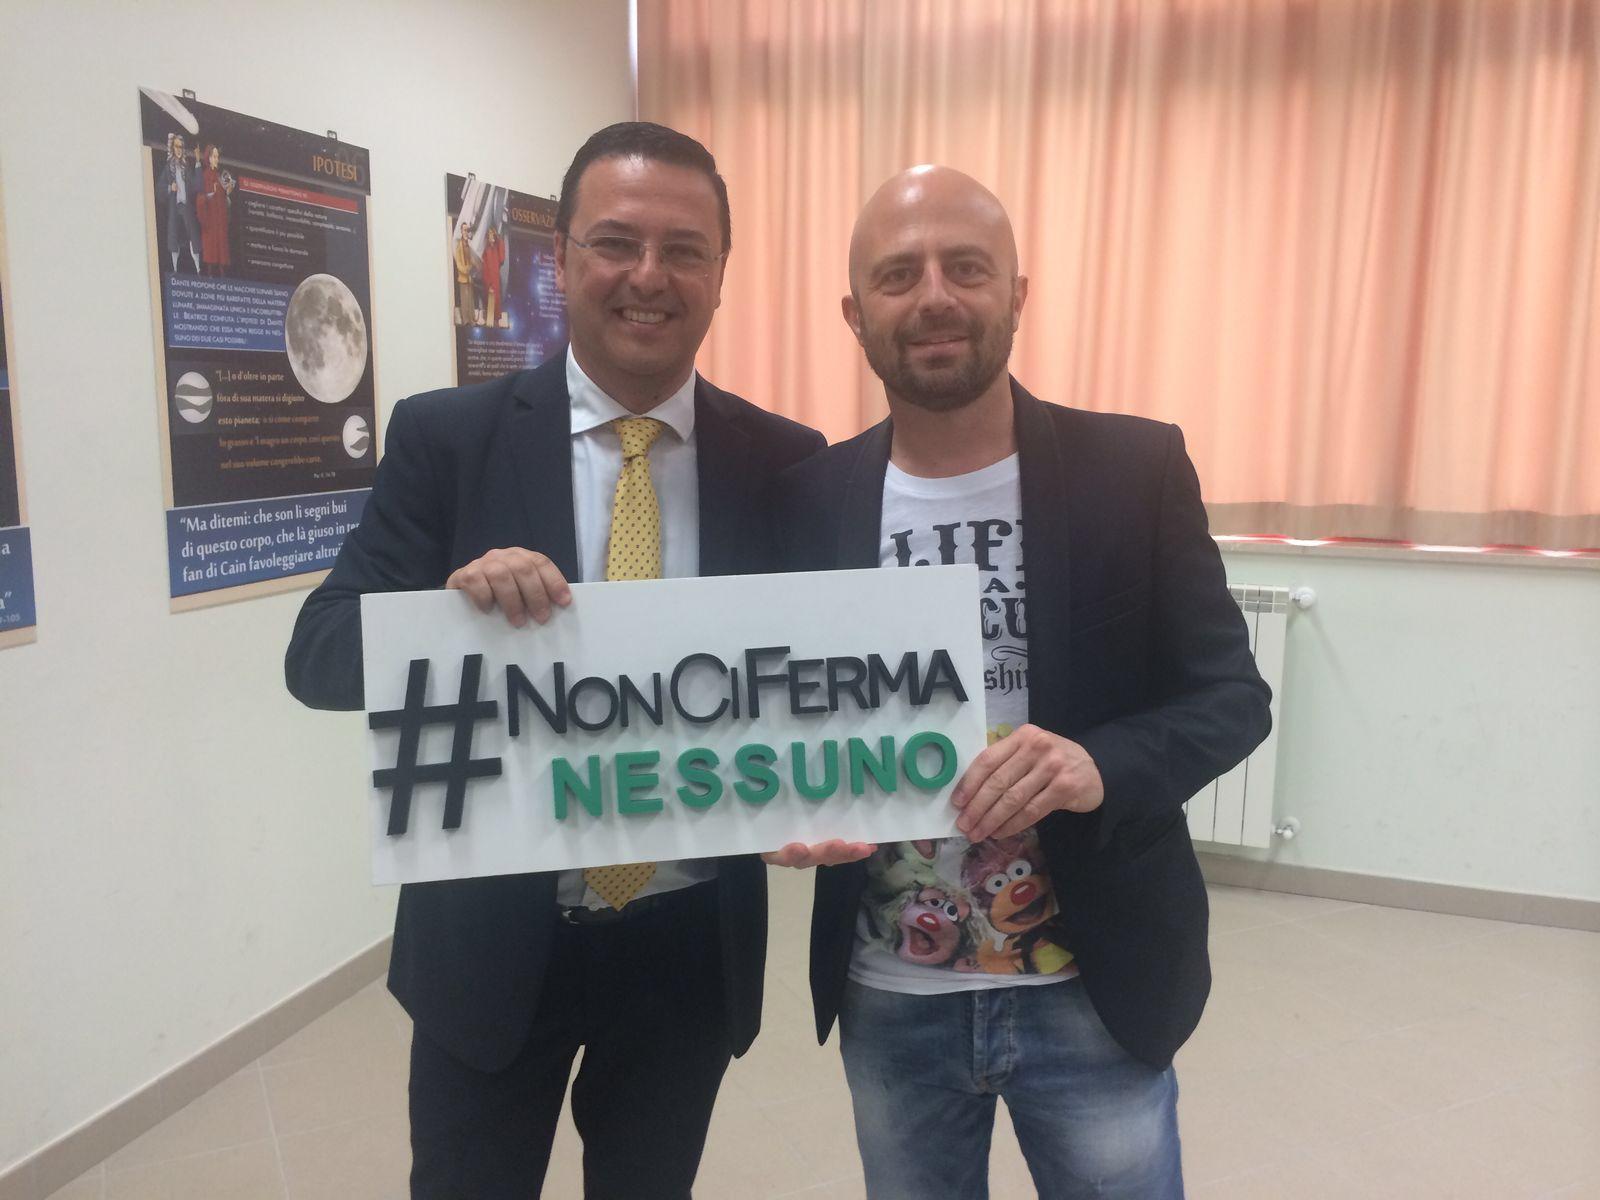 Pescara: #NonCiFermaNessuno di Luca Abete